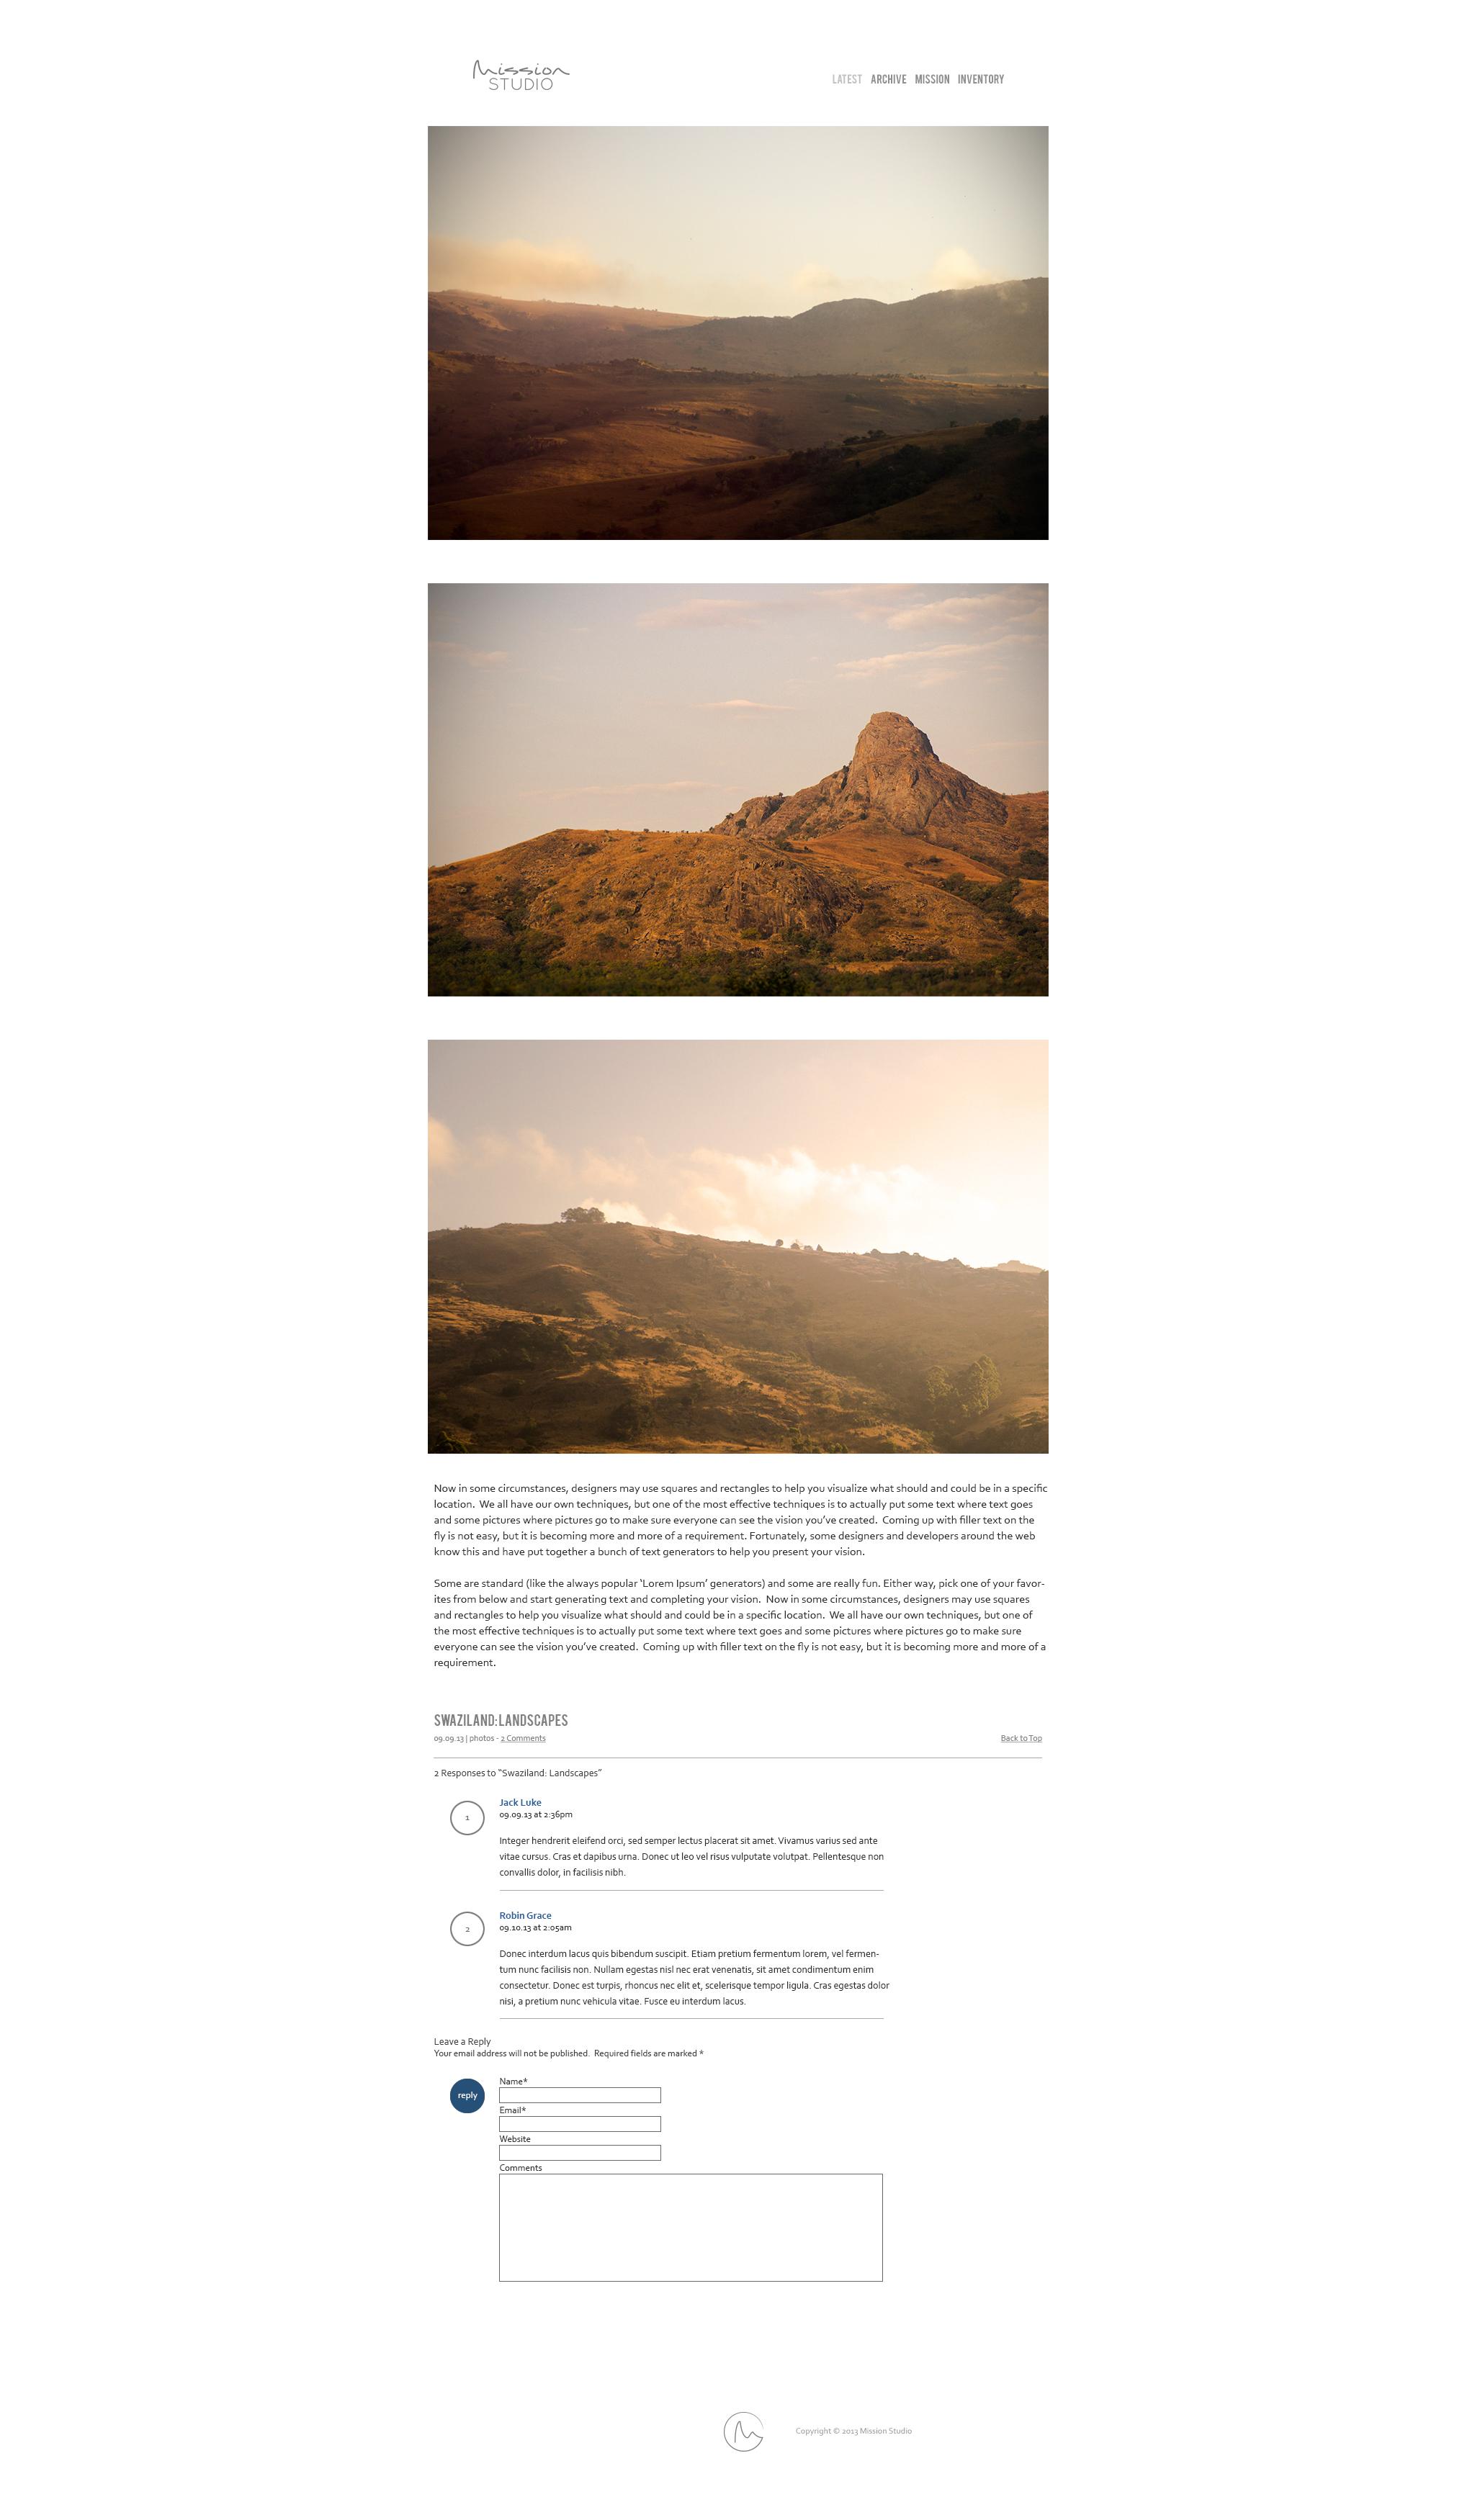 09.08.13.ms.redesign.FULL.jpg